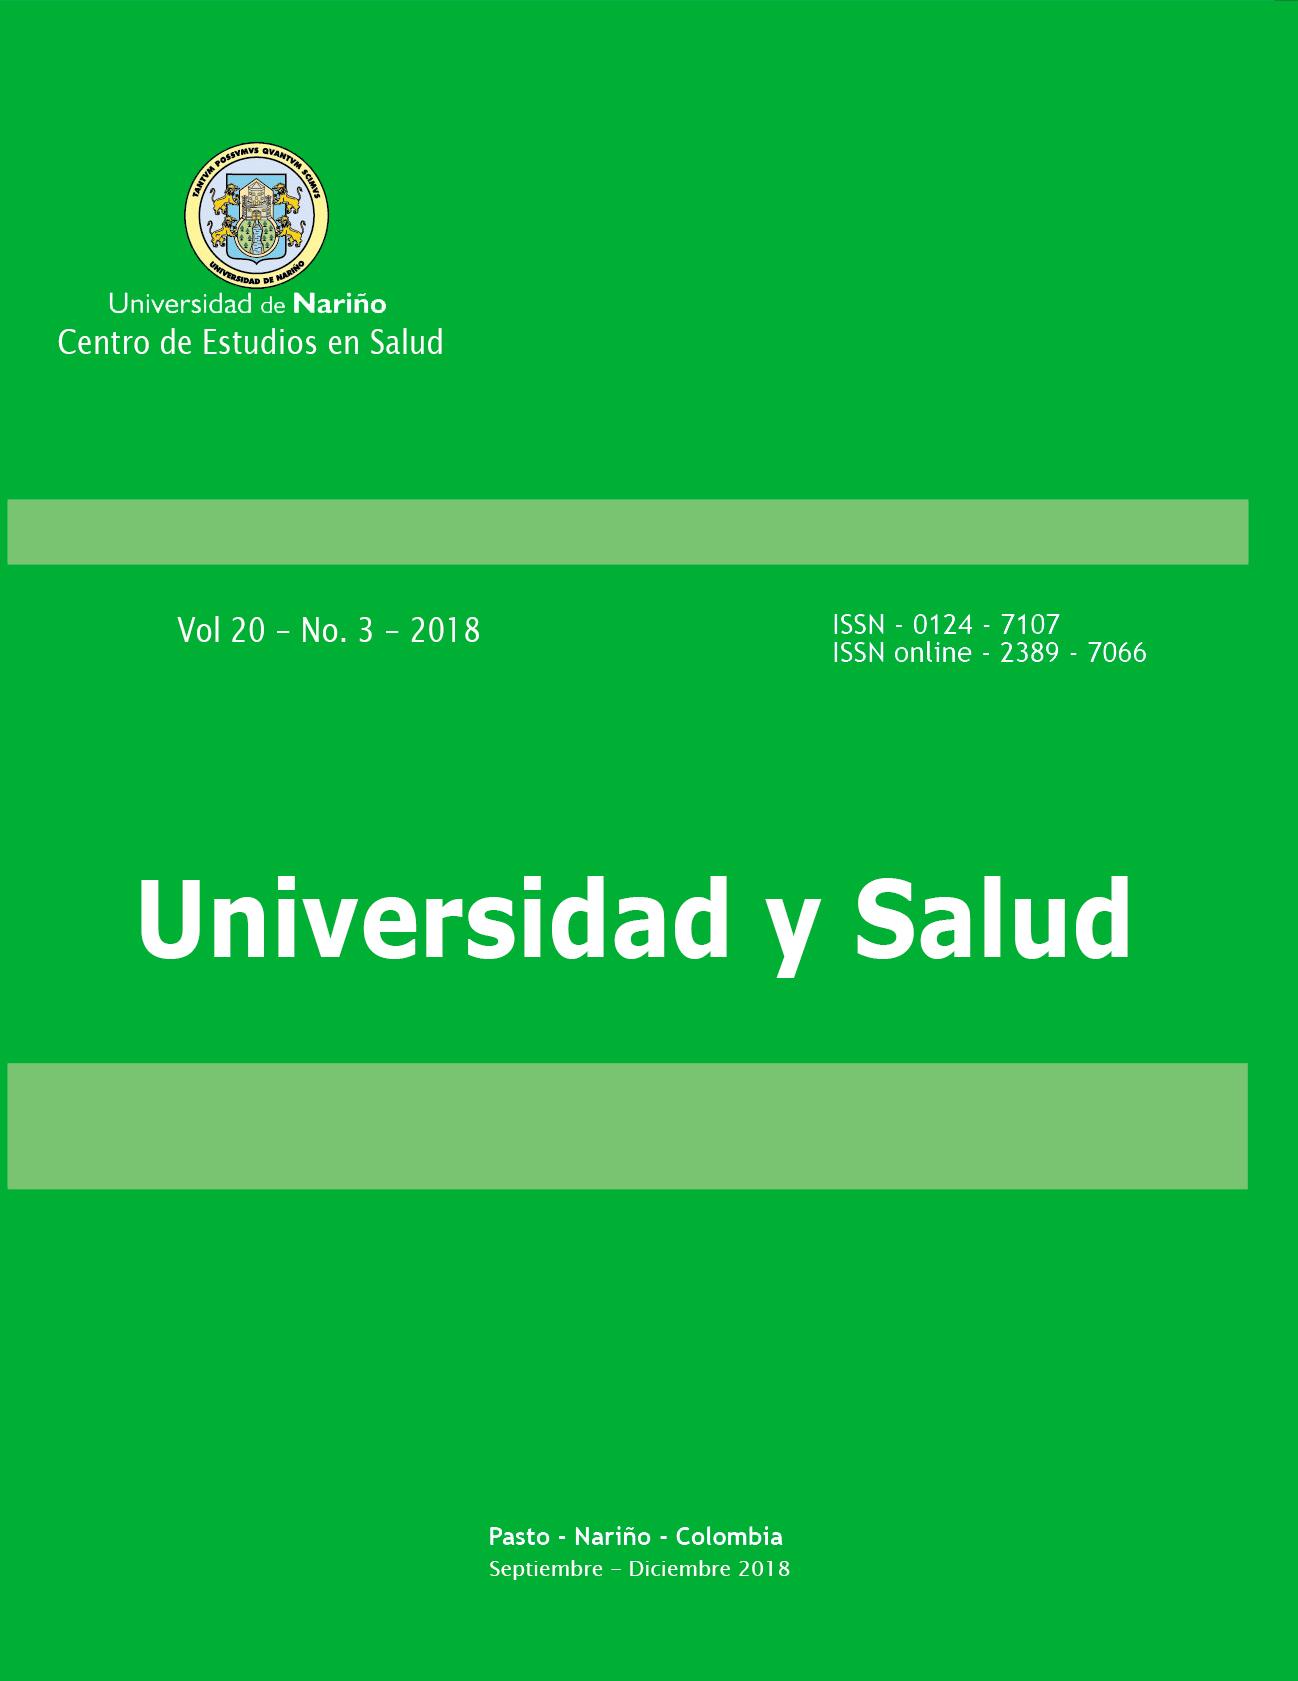 UNIVERSIDAD Y SALUD